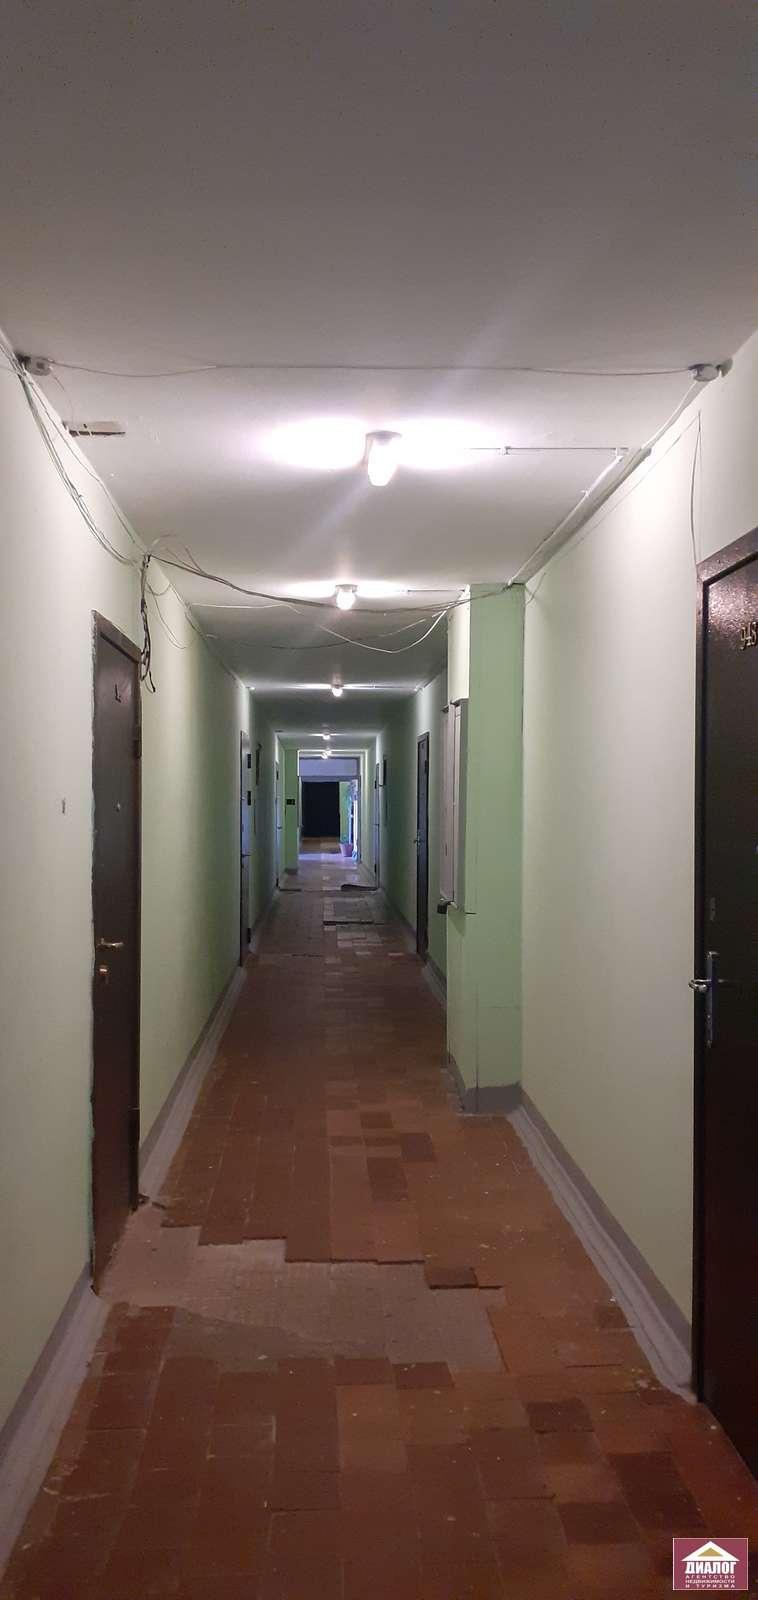 Продажа 1-комнатной квартиры, г. Тольятти, Революционная улица  дом 56